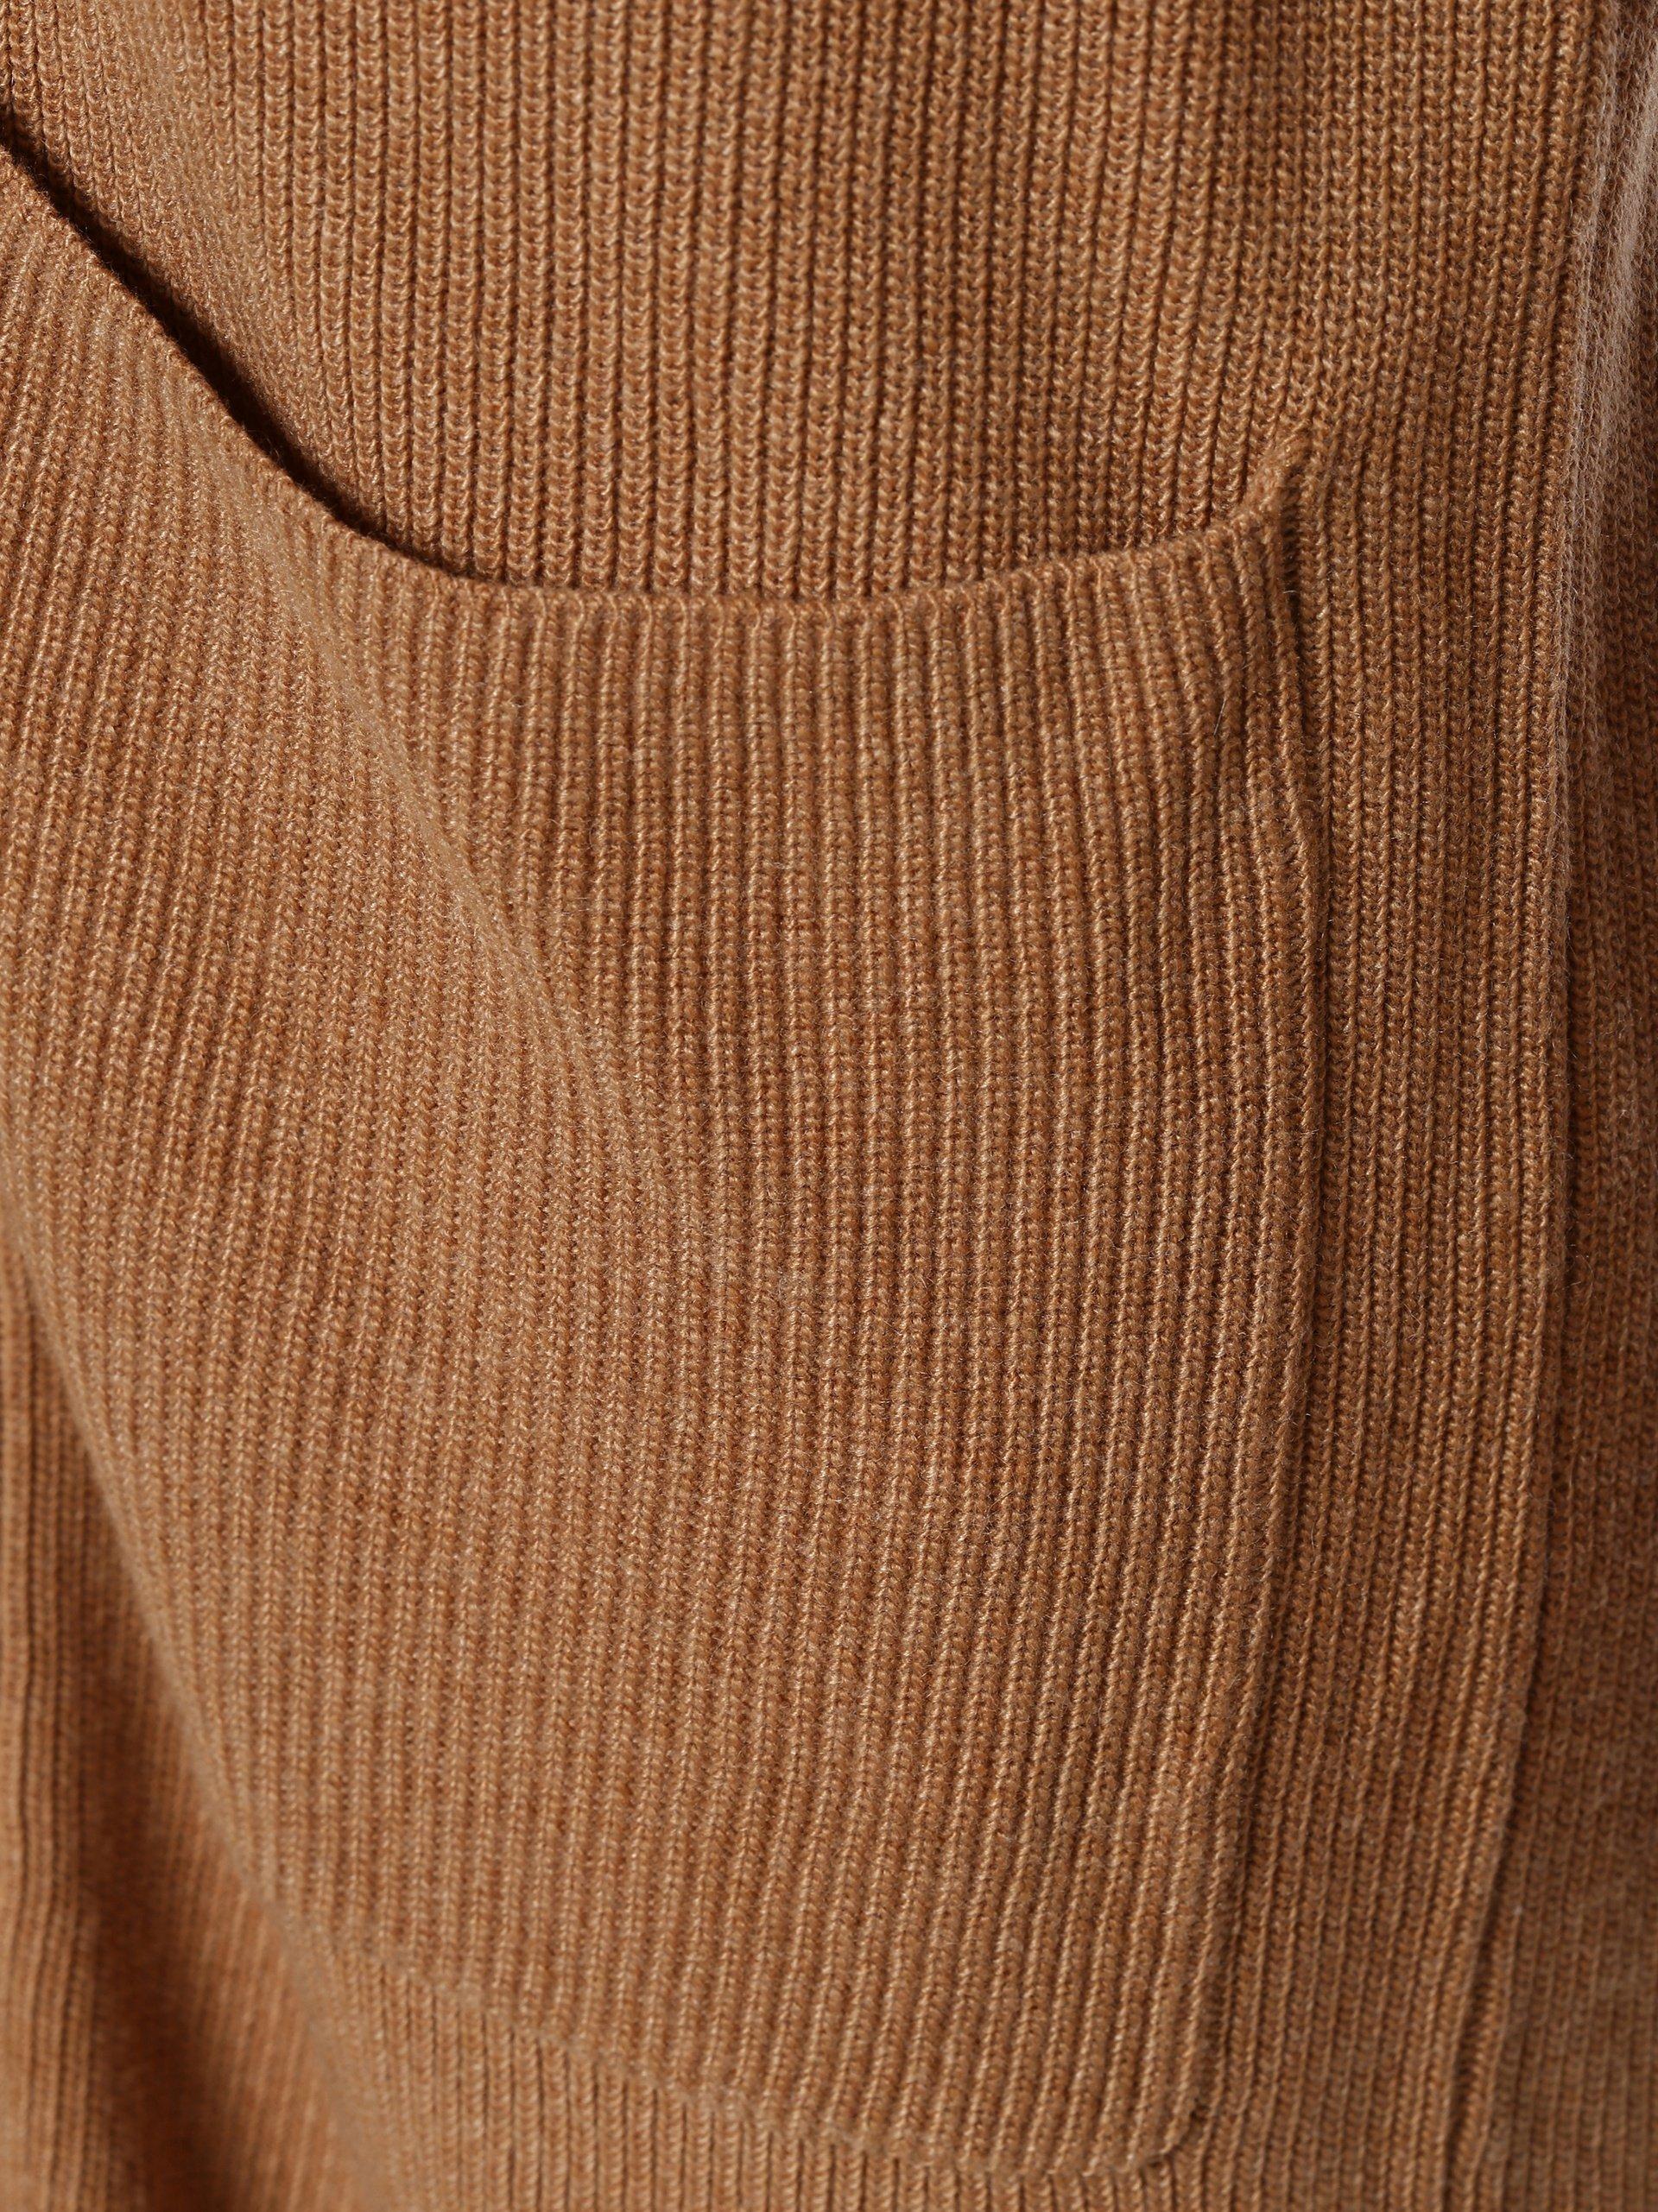 Esprit Collection Damen Strickmantel mit Cashmere-Anteil